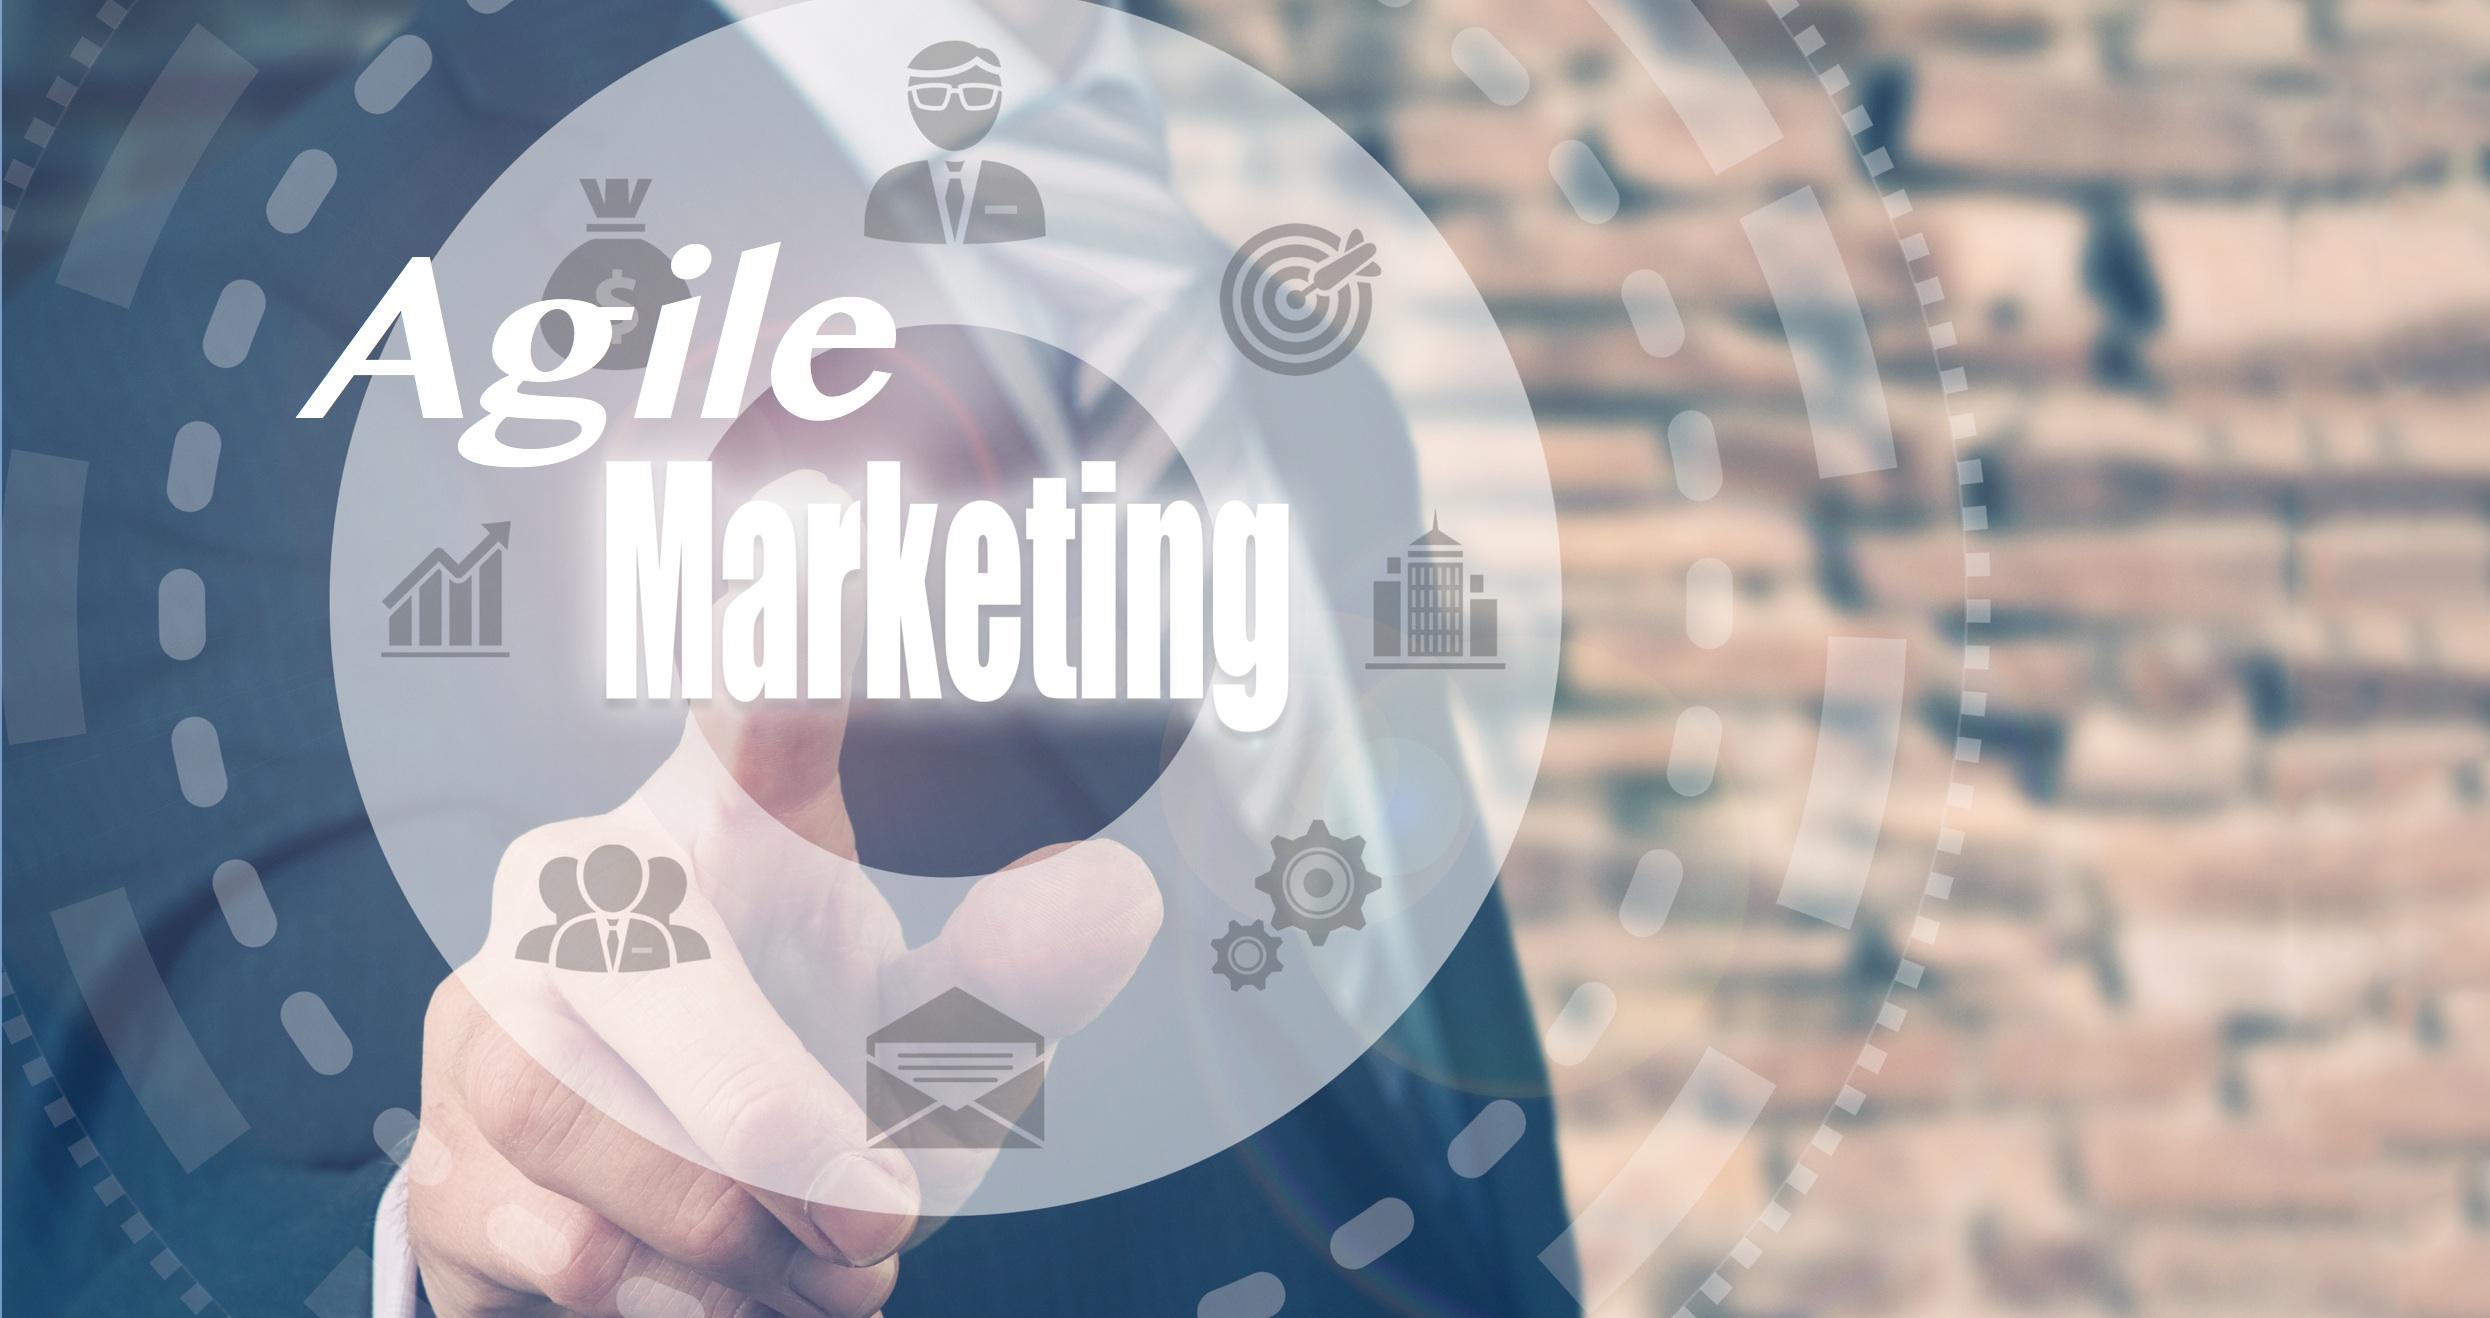 Agile Marketing Icons